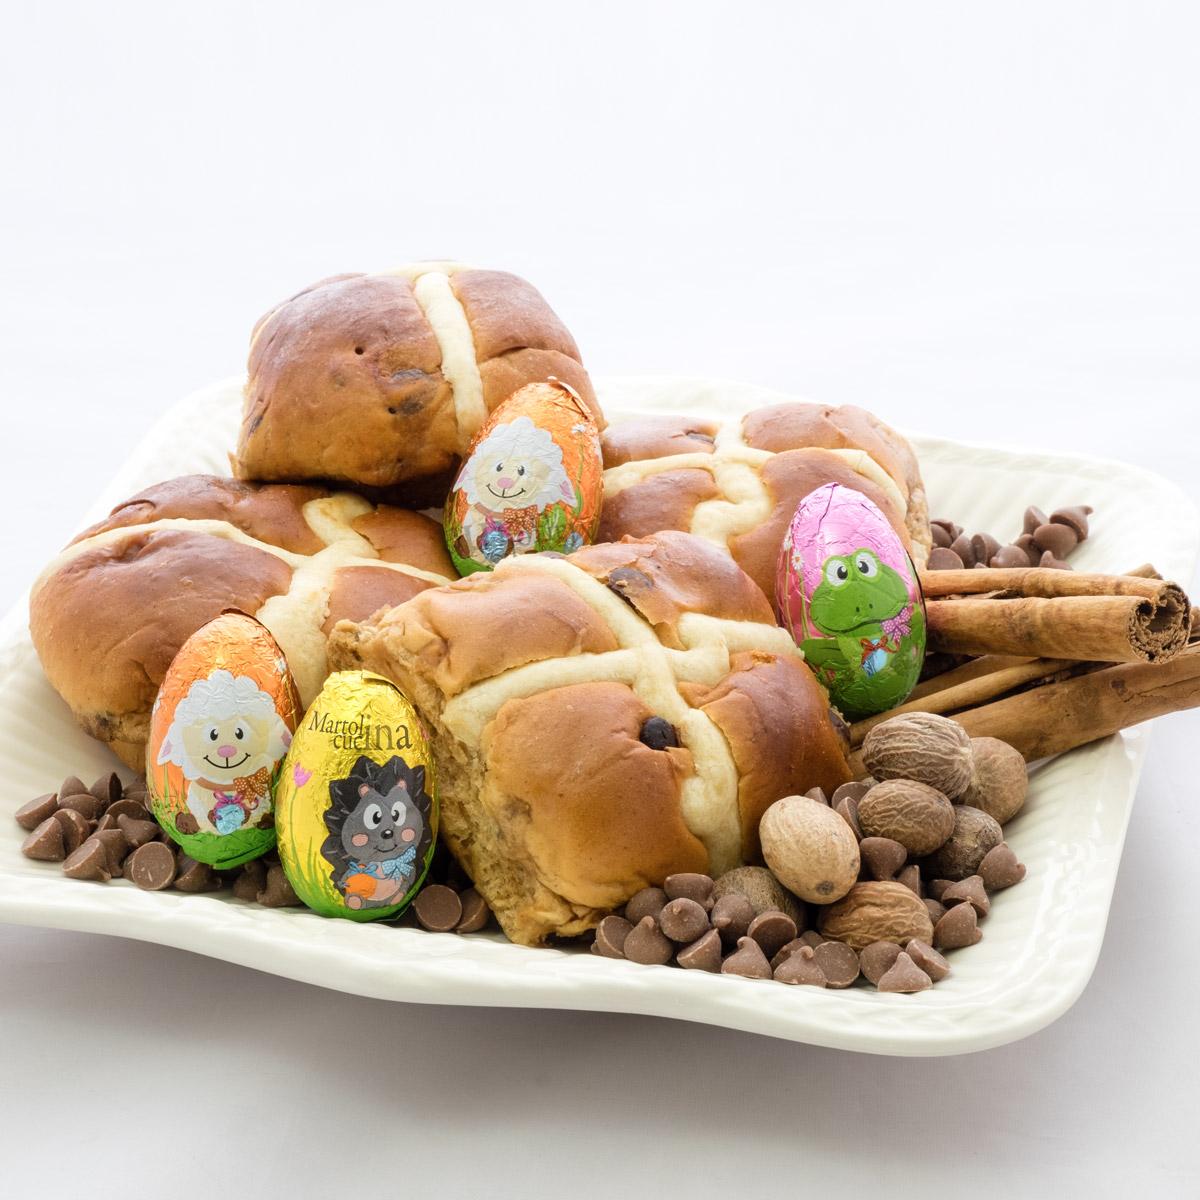 Hot cross buns con cioccolato